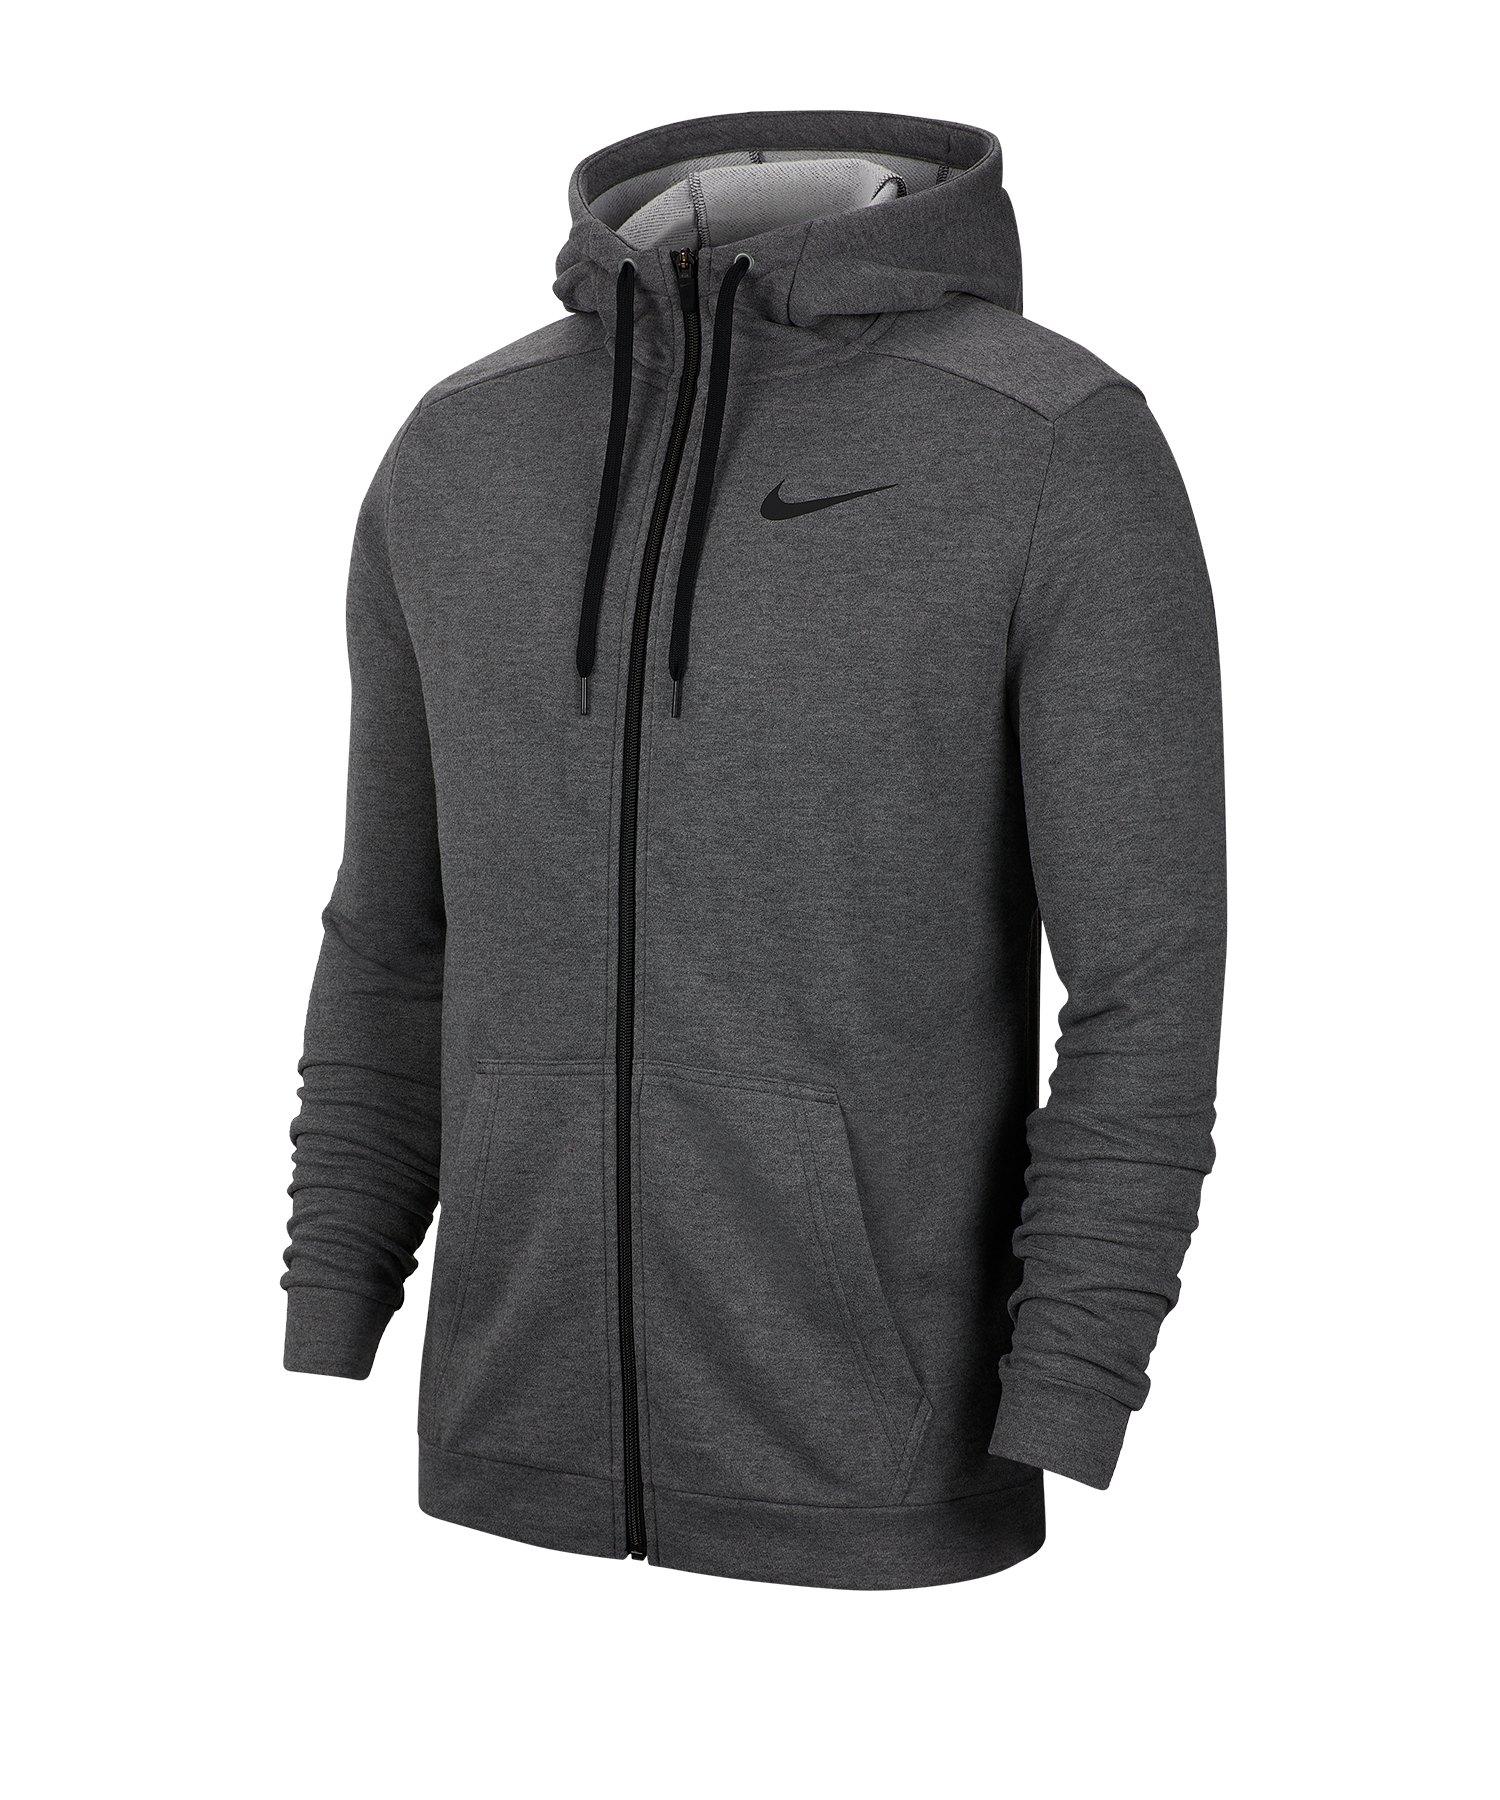 Nike Dri-FIT Kapuzenjacke Grau F071 - grau